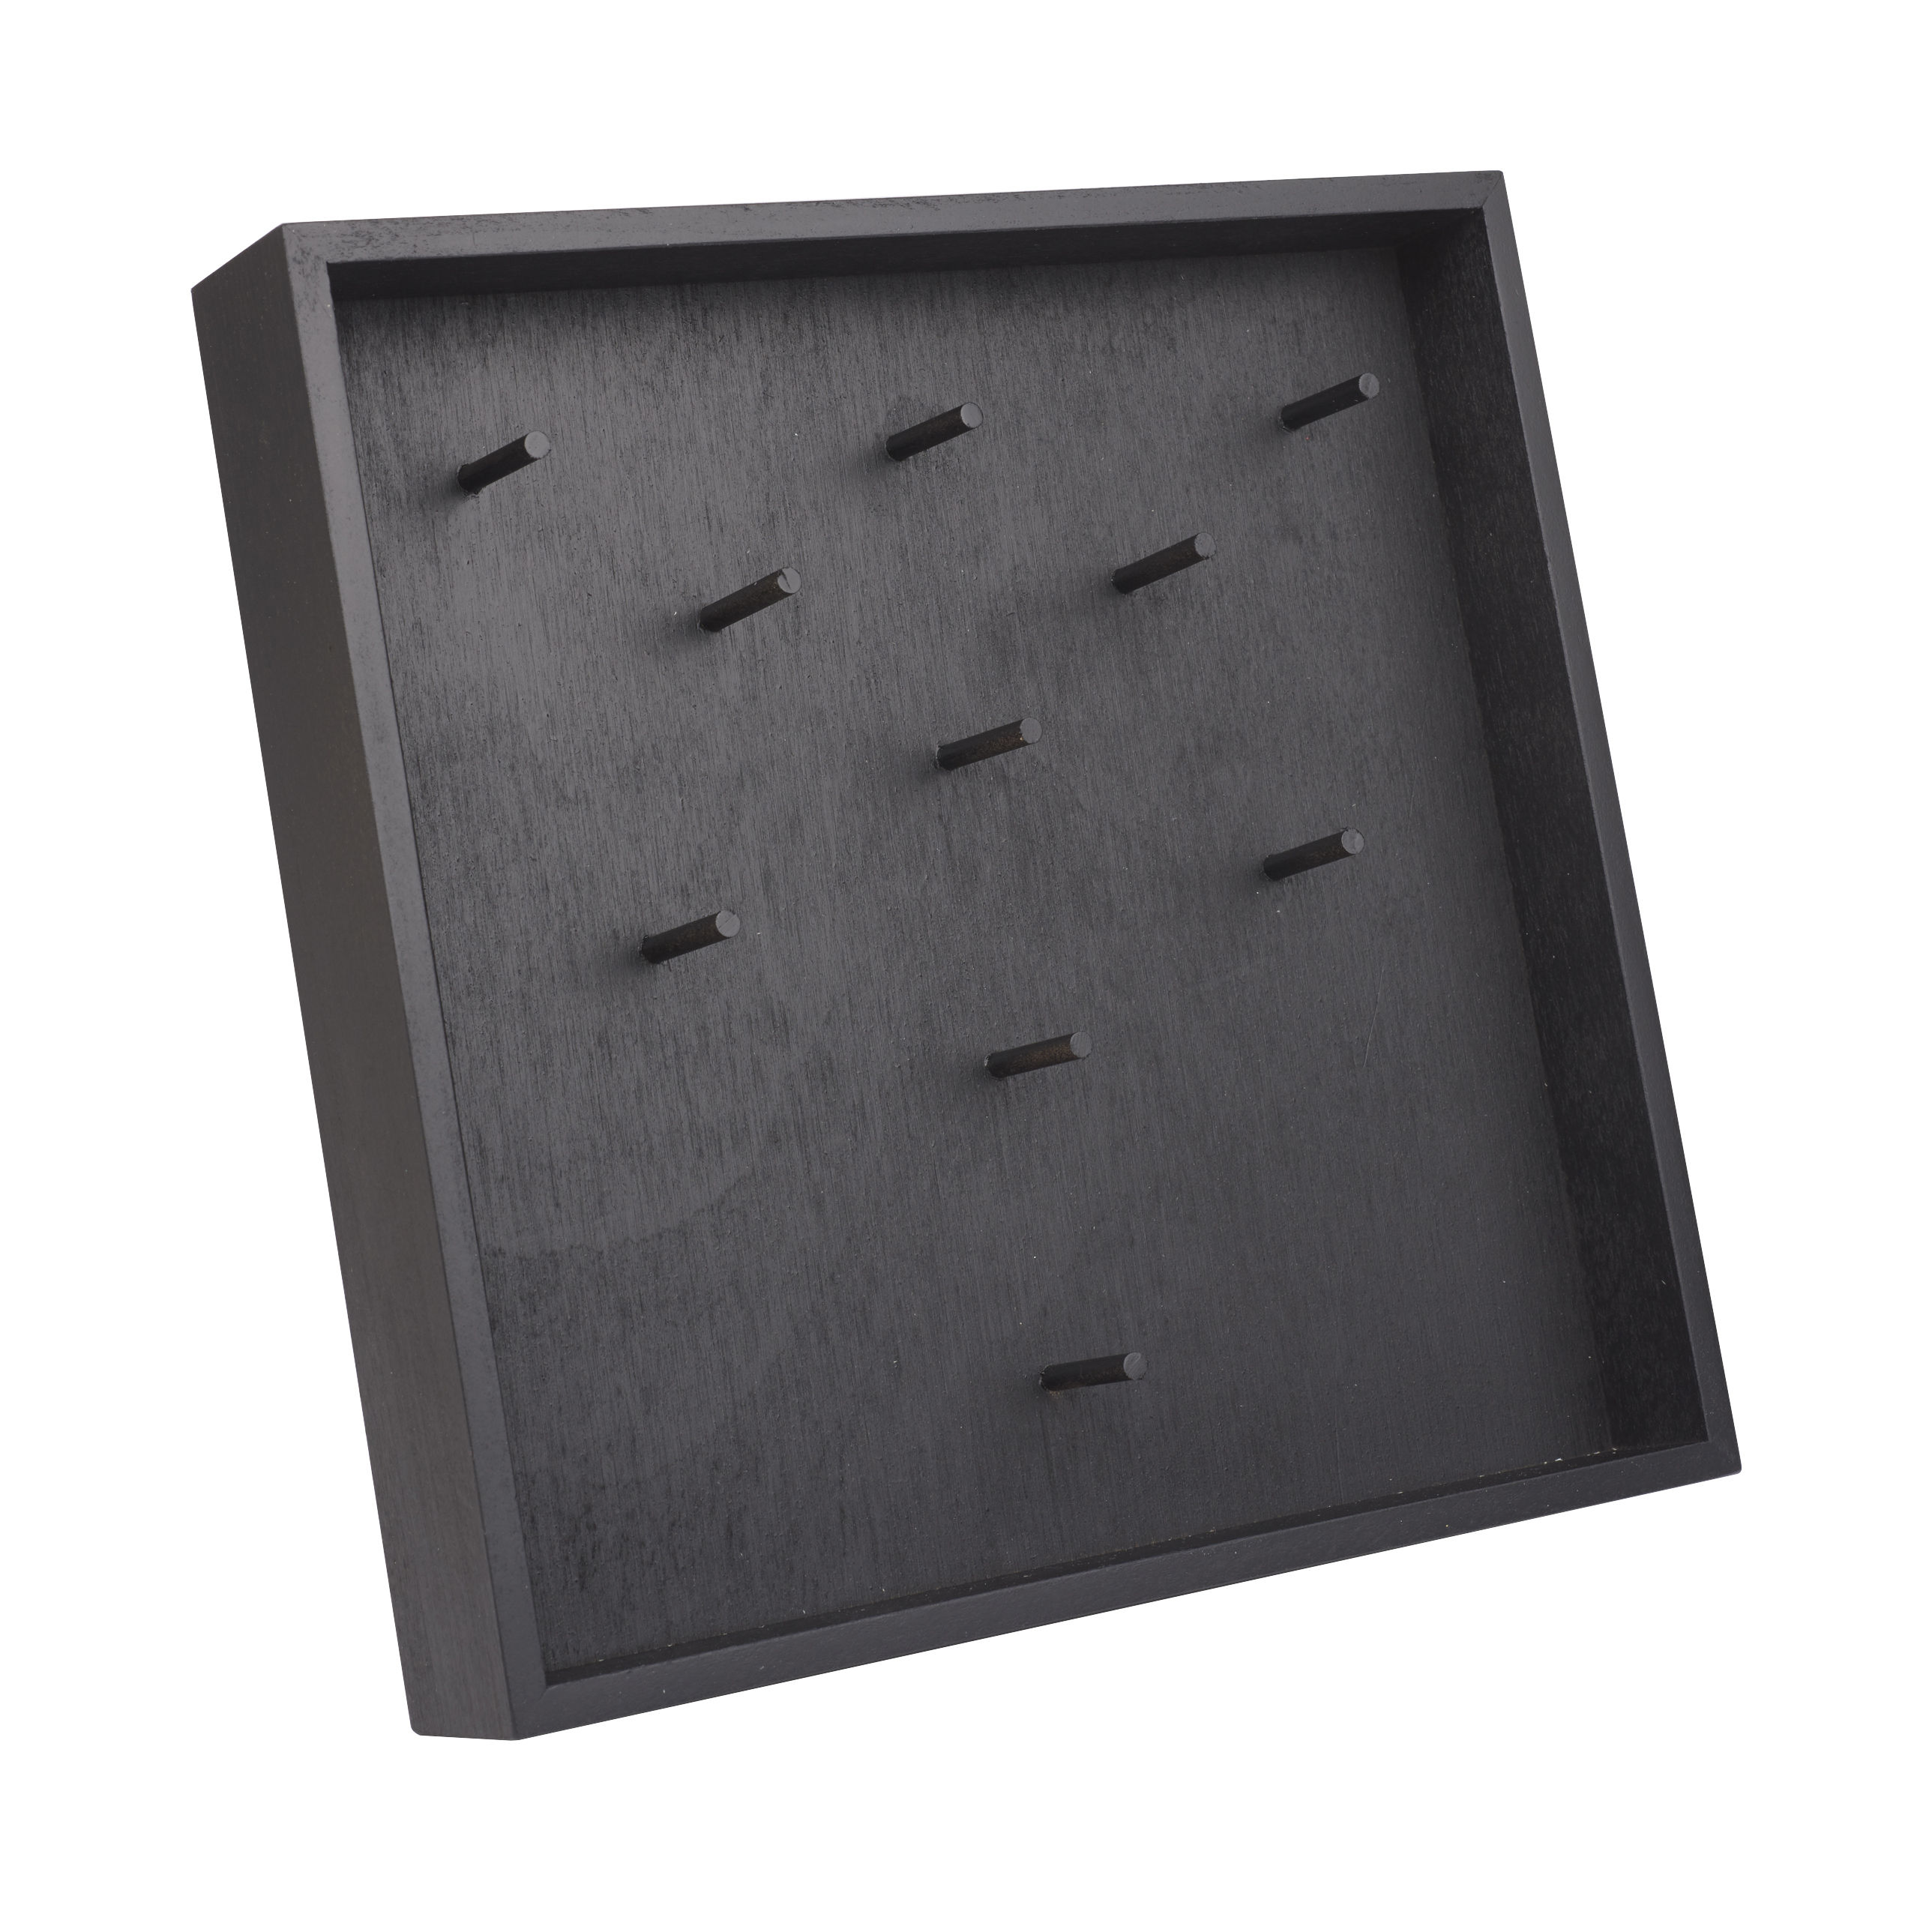 Déco - Boîtes déco - Porte-bijoux / Support clés - à poser ou fixer au mur - L'atelier d'exercices - Noir - Hêtre peint